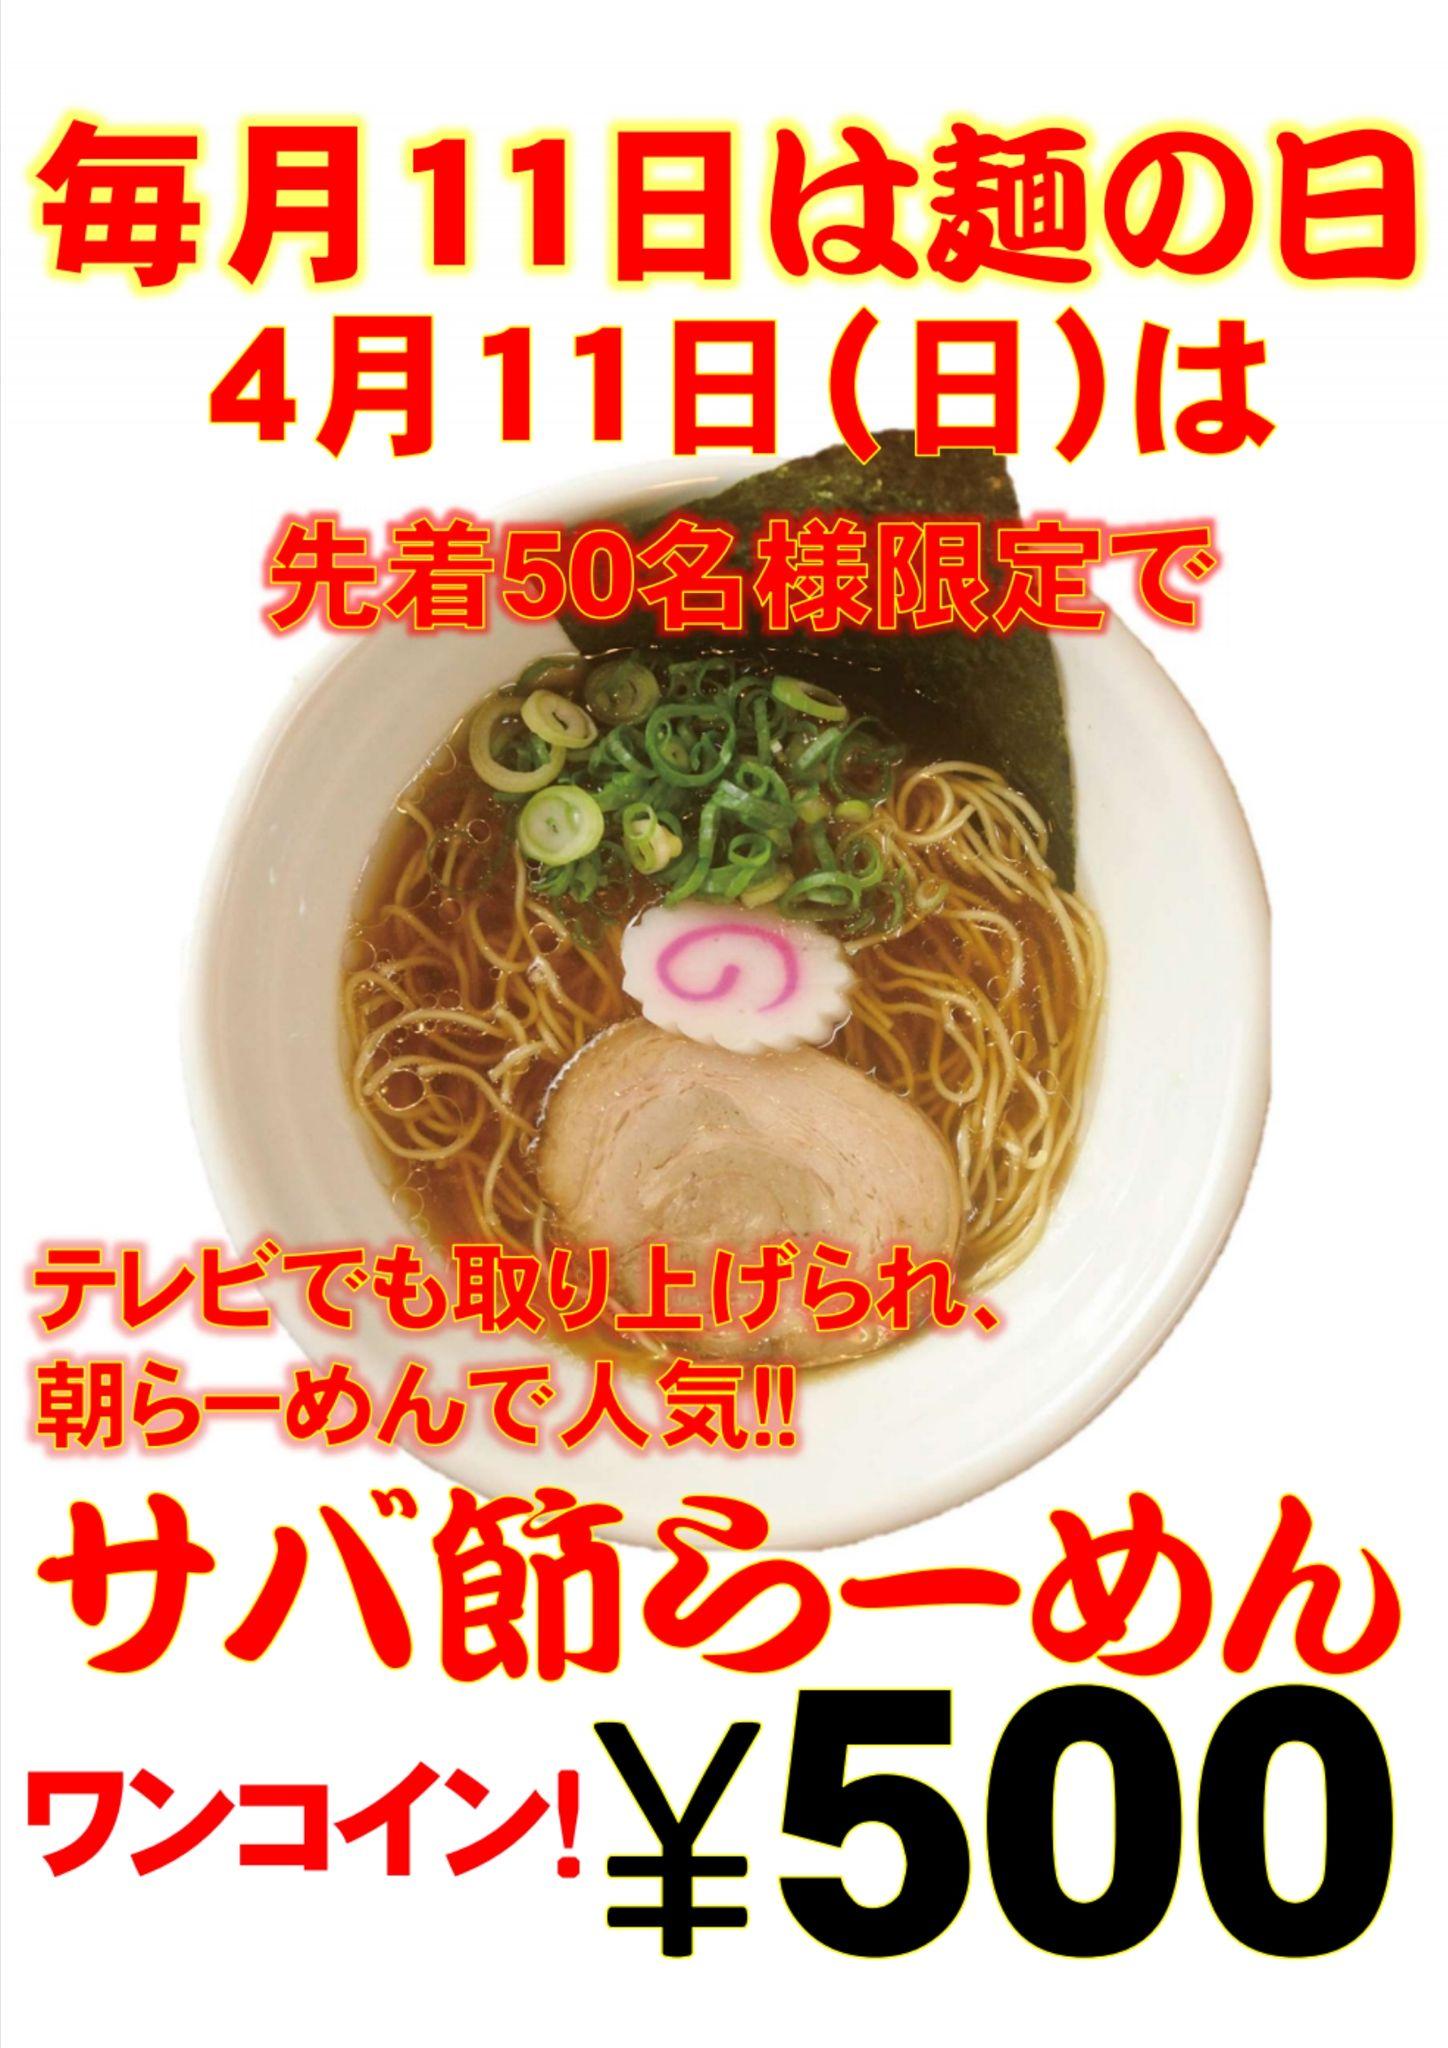 豚そば鶏つけそば専門店上海麺館 4月の麺の日告知